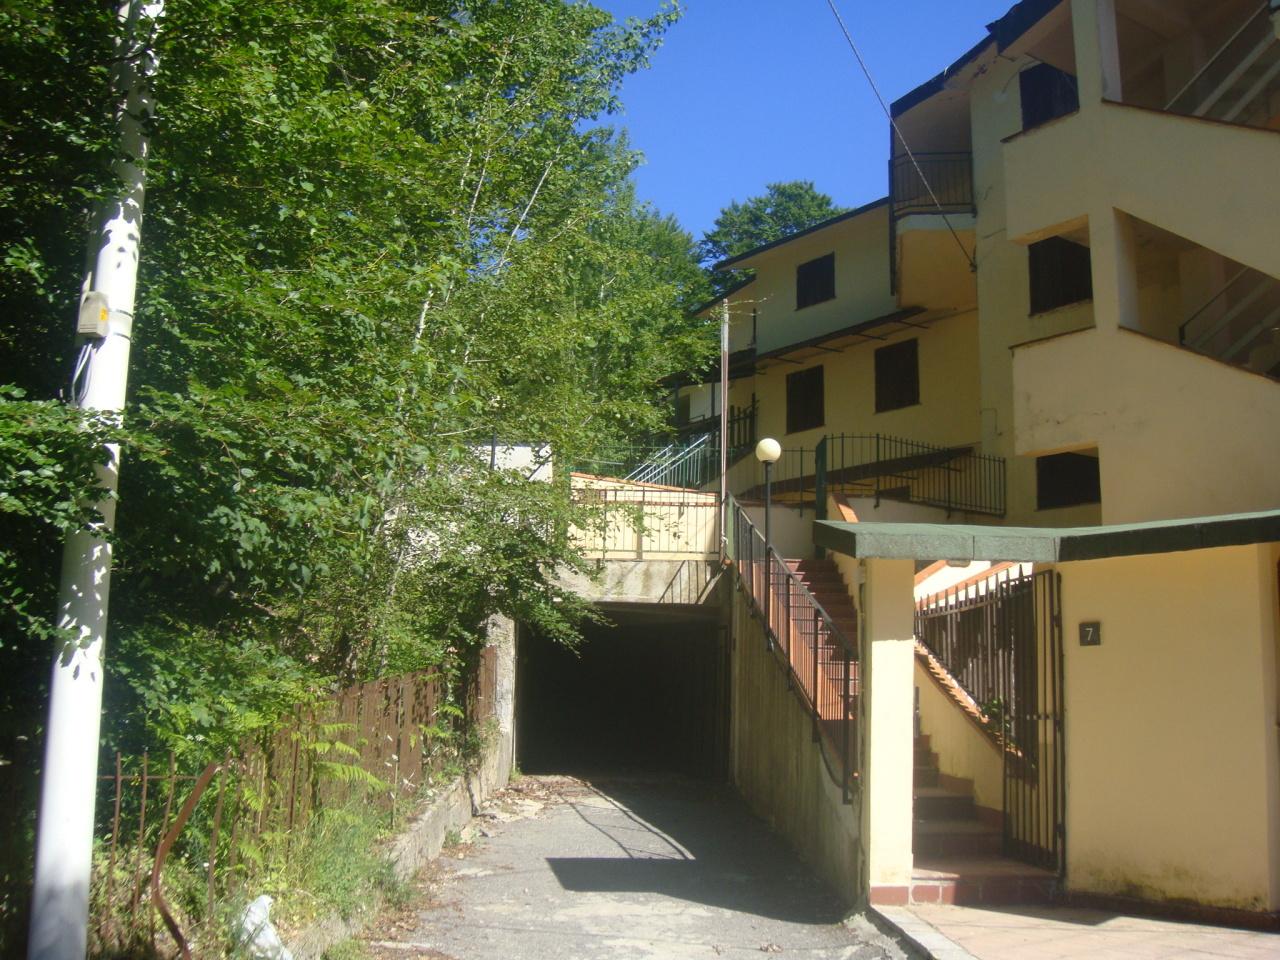 Villa in vendita a Santo Stefano in Aspromonte, 6 locali, prezzo € 100.000 | Cambio Casa.it